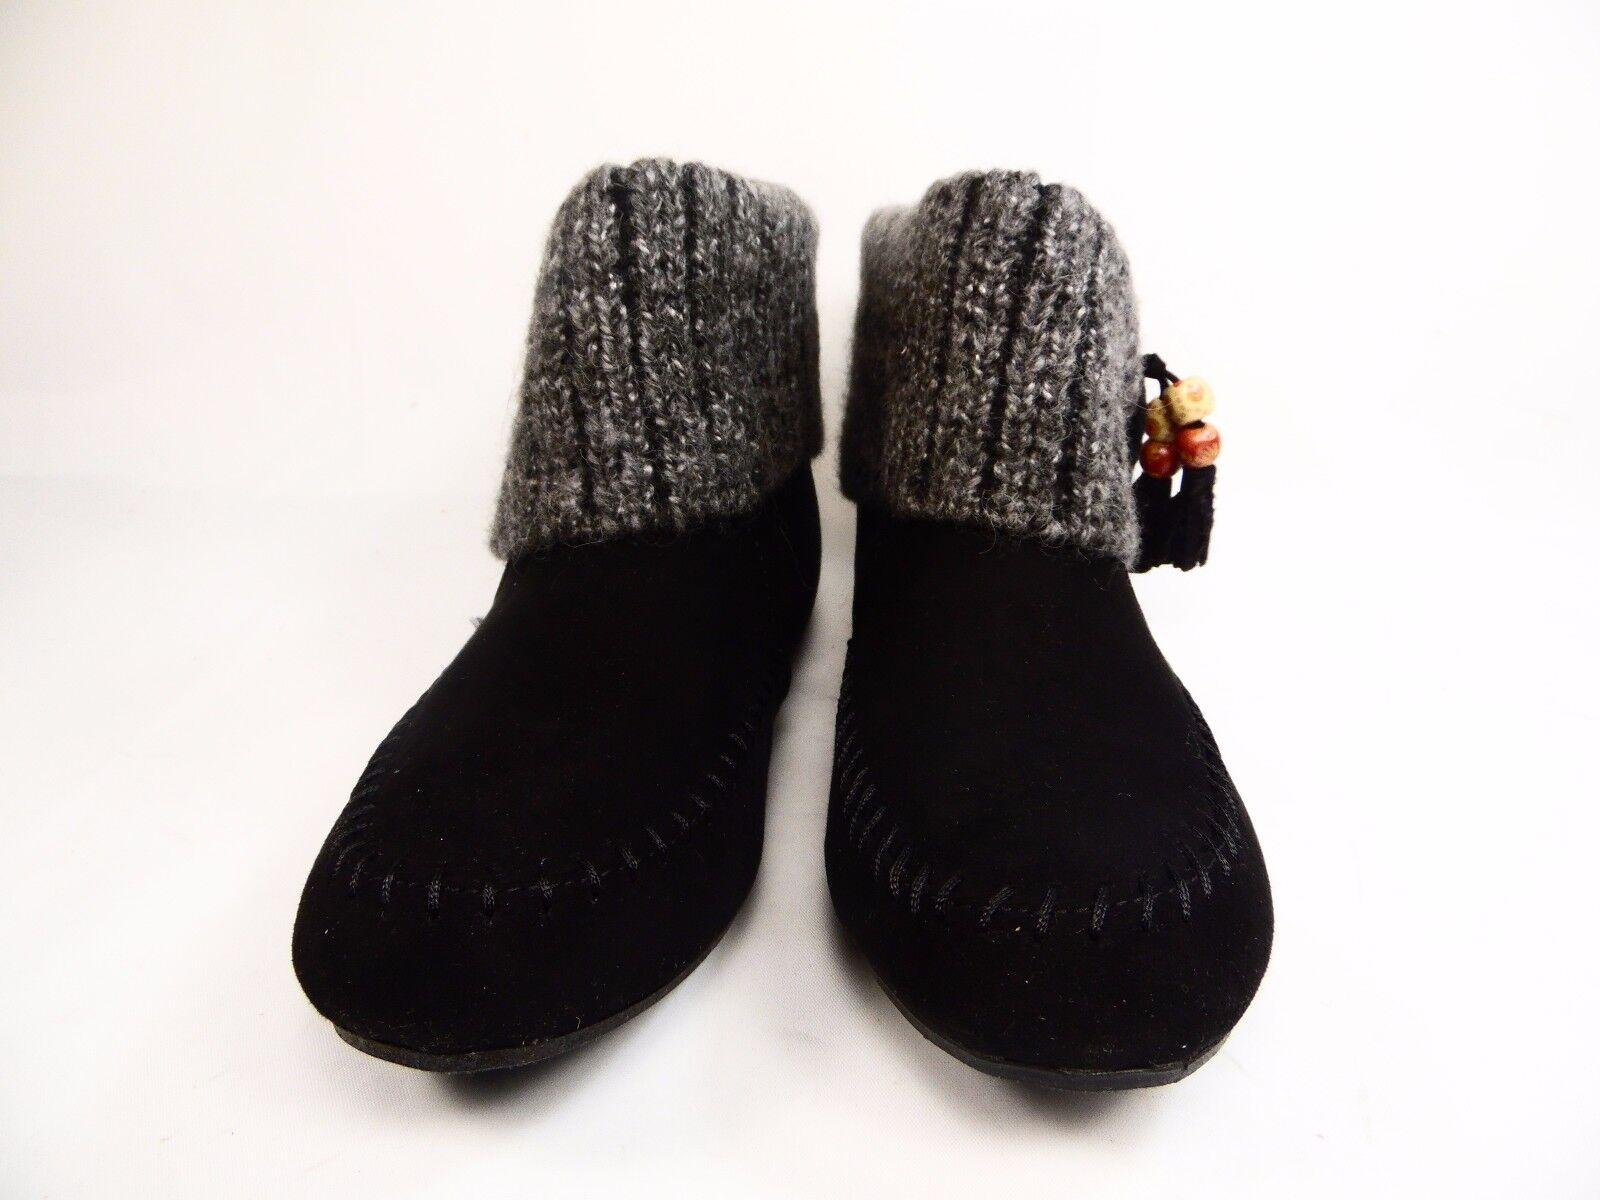 Arizona Jean Co. Women's Meeko Sweater Ankle Booties Chestnut  Size 7M